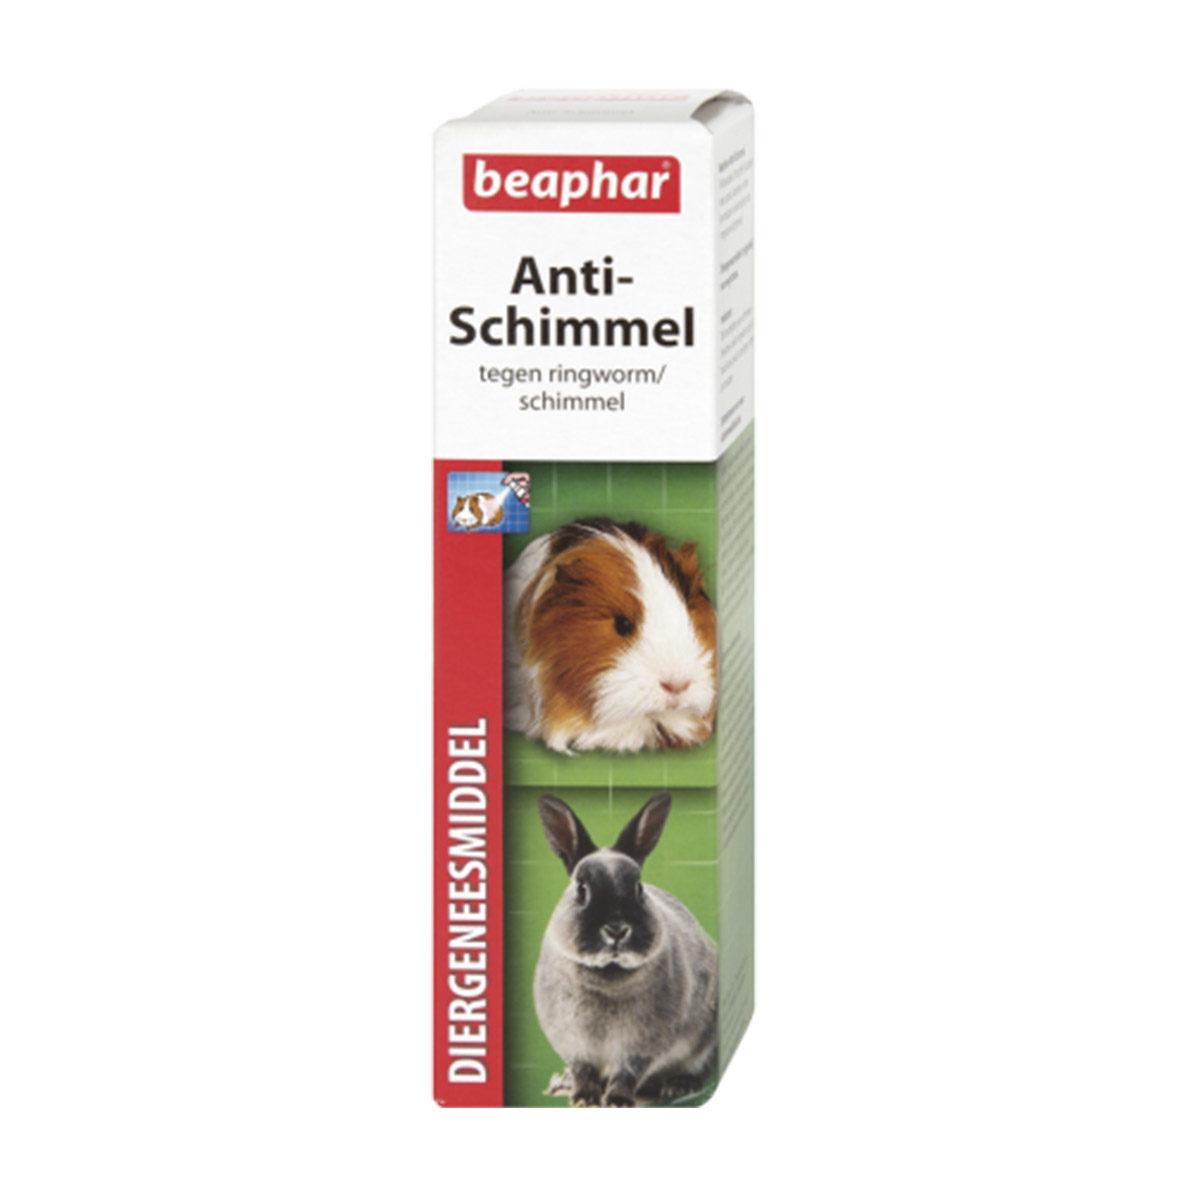 Beaphar Anti Schimmel Tegen Ringworm Spray 50 ml